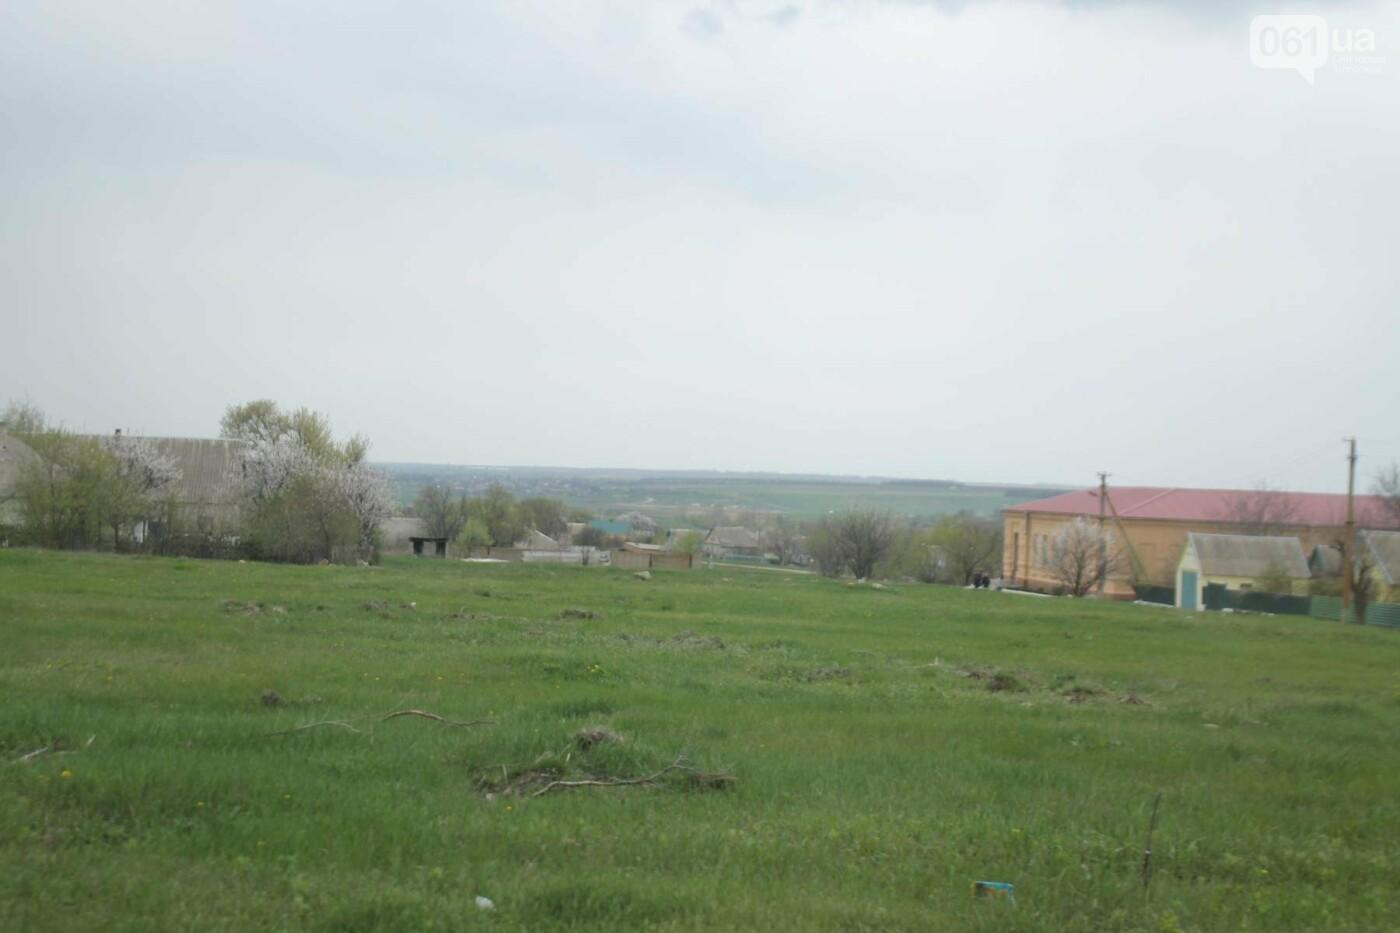 Село, що оживає: як Воскресенська територіальна громада живе після об'єднання, - ФОТОРЕПОРТАЖ, фото-14